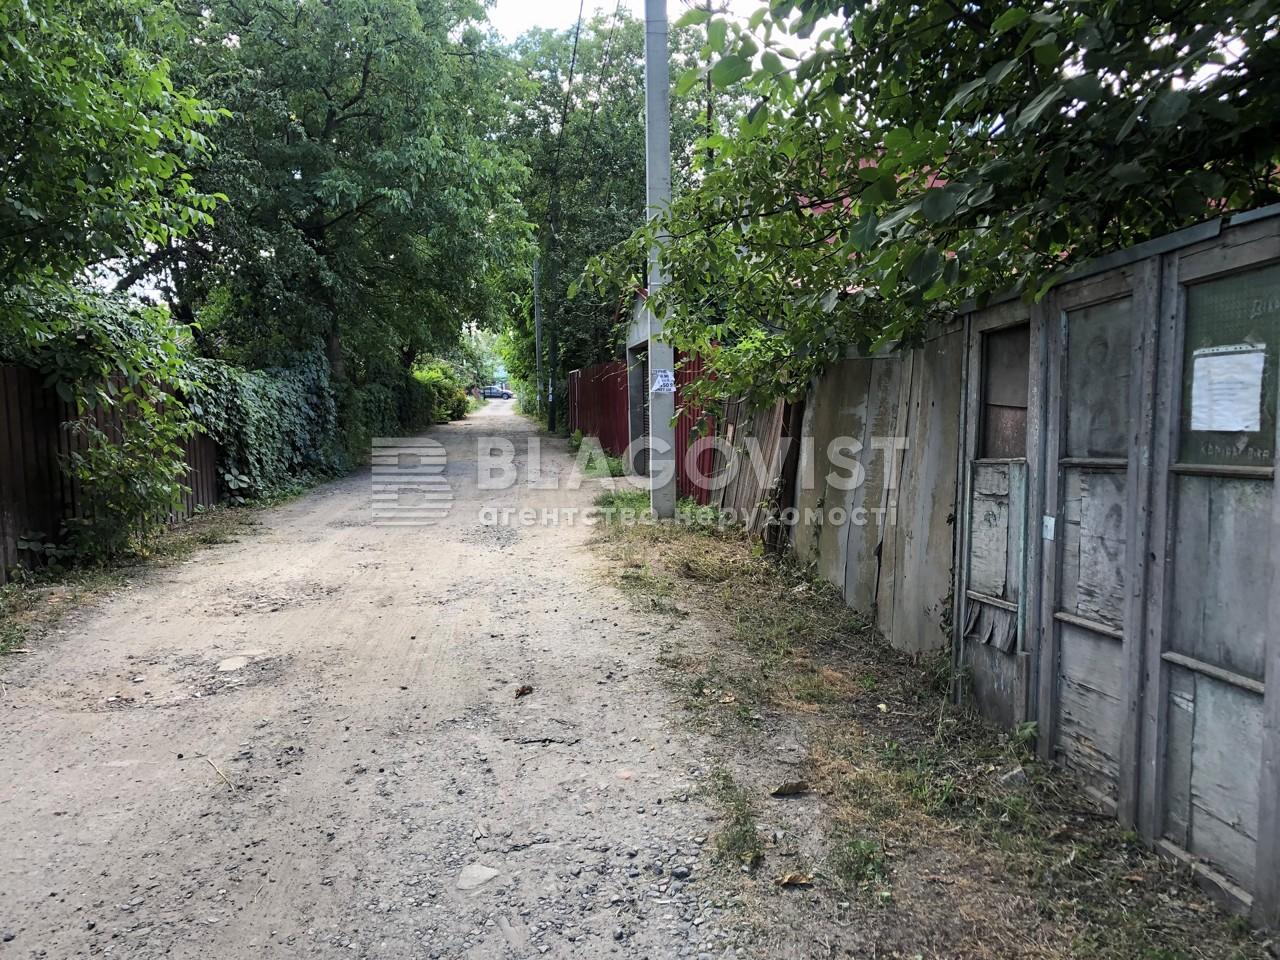 Земельный участок C-109123, Сырецко-Садовая, Киев - Фото 3